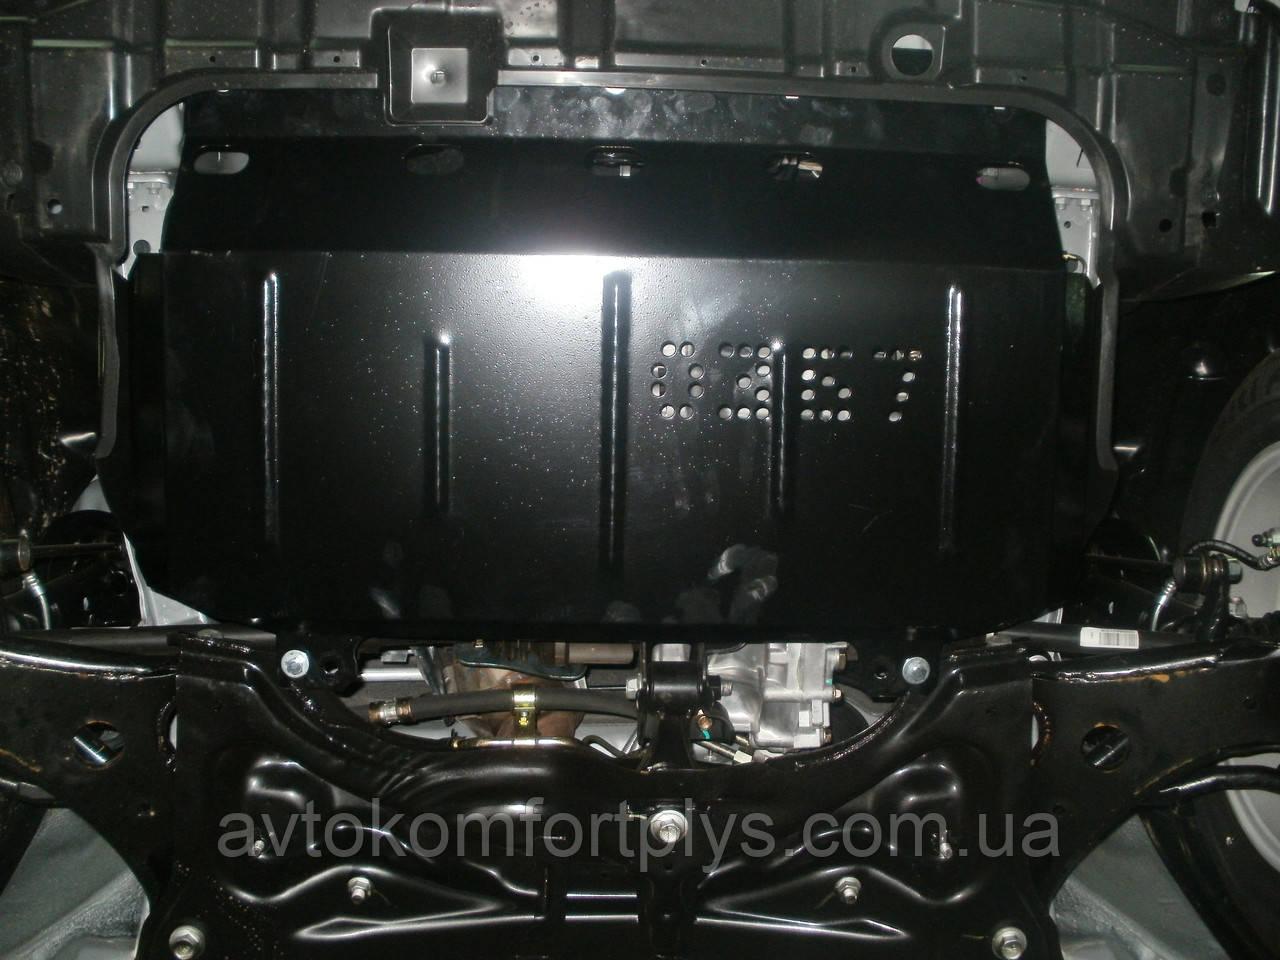 Металлическая (стальная) защита двигателя (картера) Great Wall Voleex C10 (2011-) (1,3; 1,5)